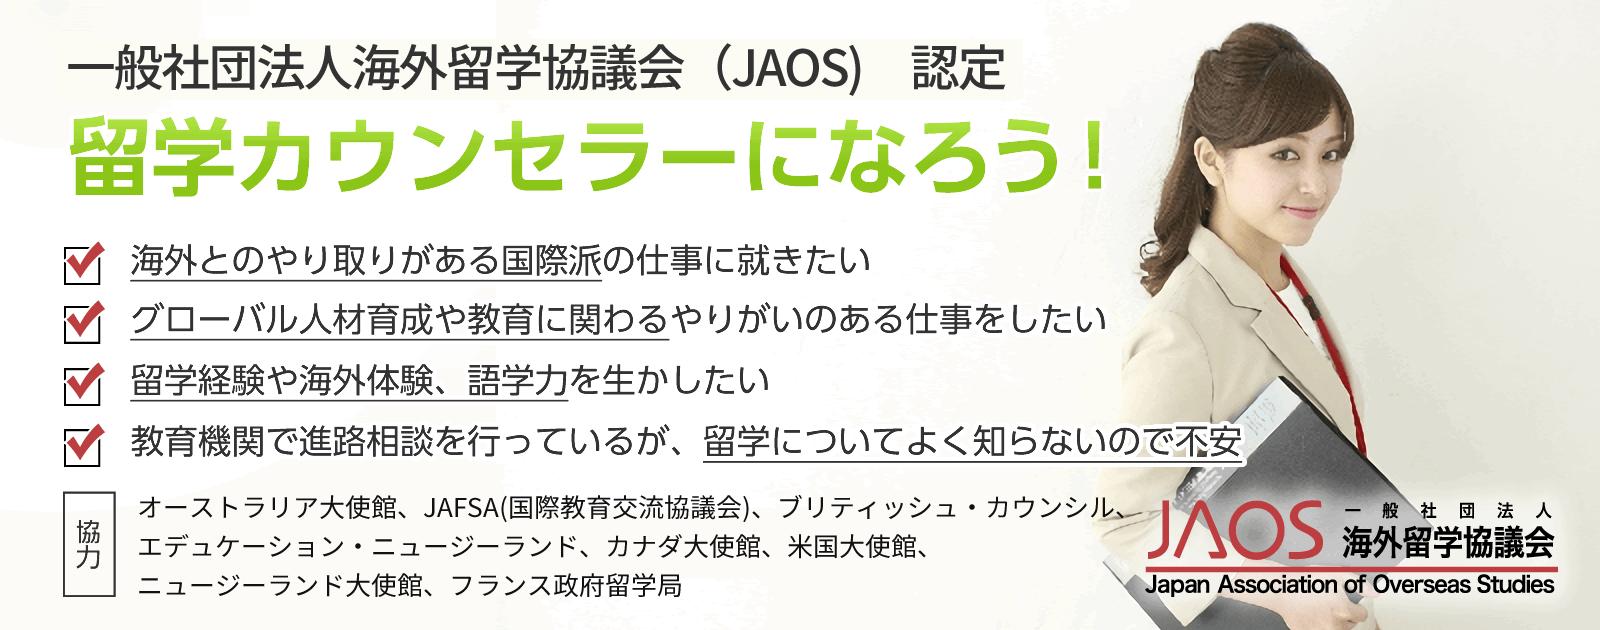 一般社団法人 JAOS海外留学協議会 認定 留学カウンセラーになろう!